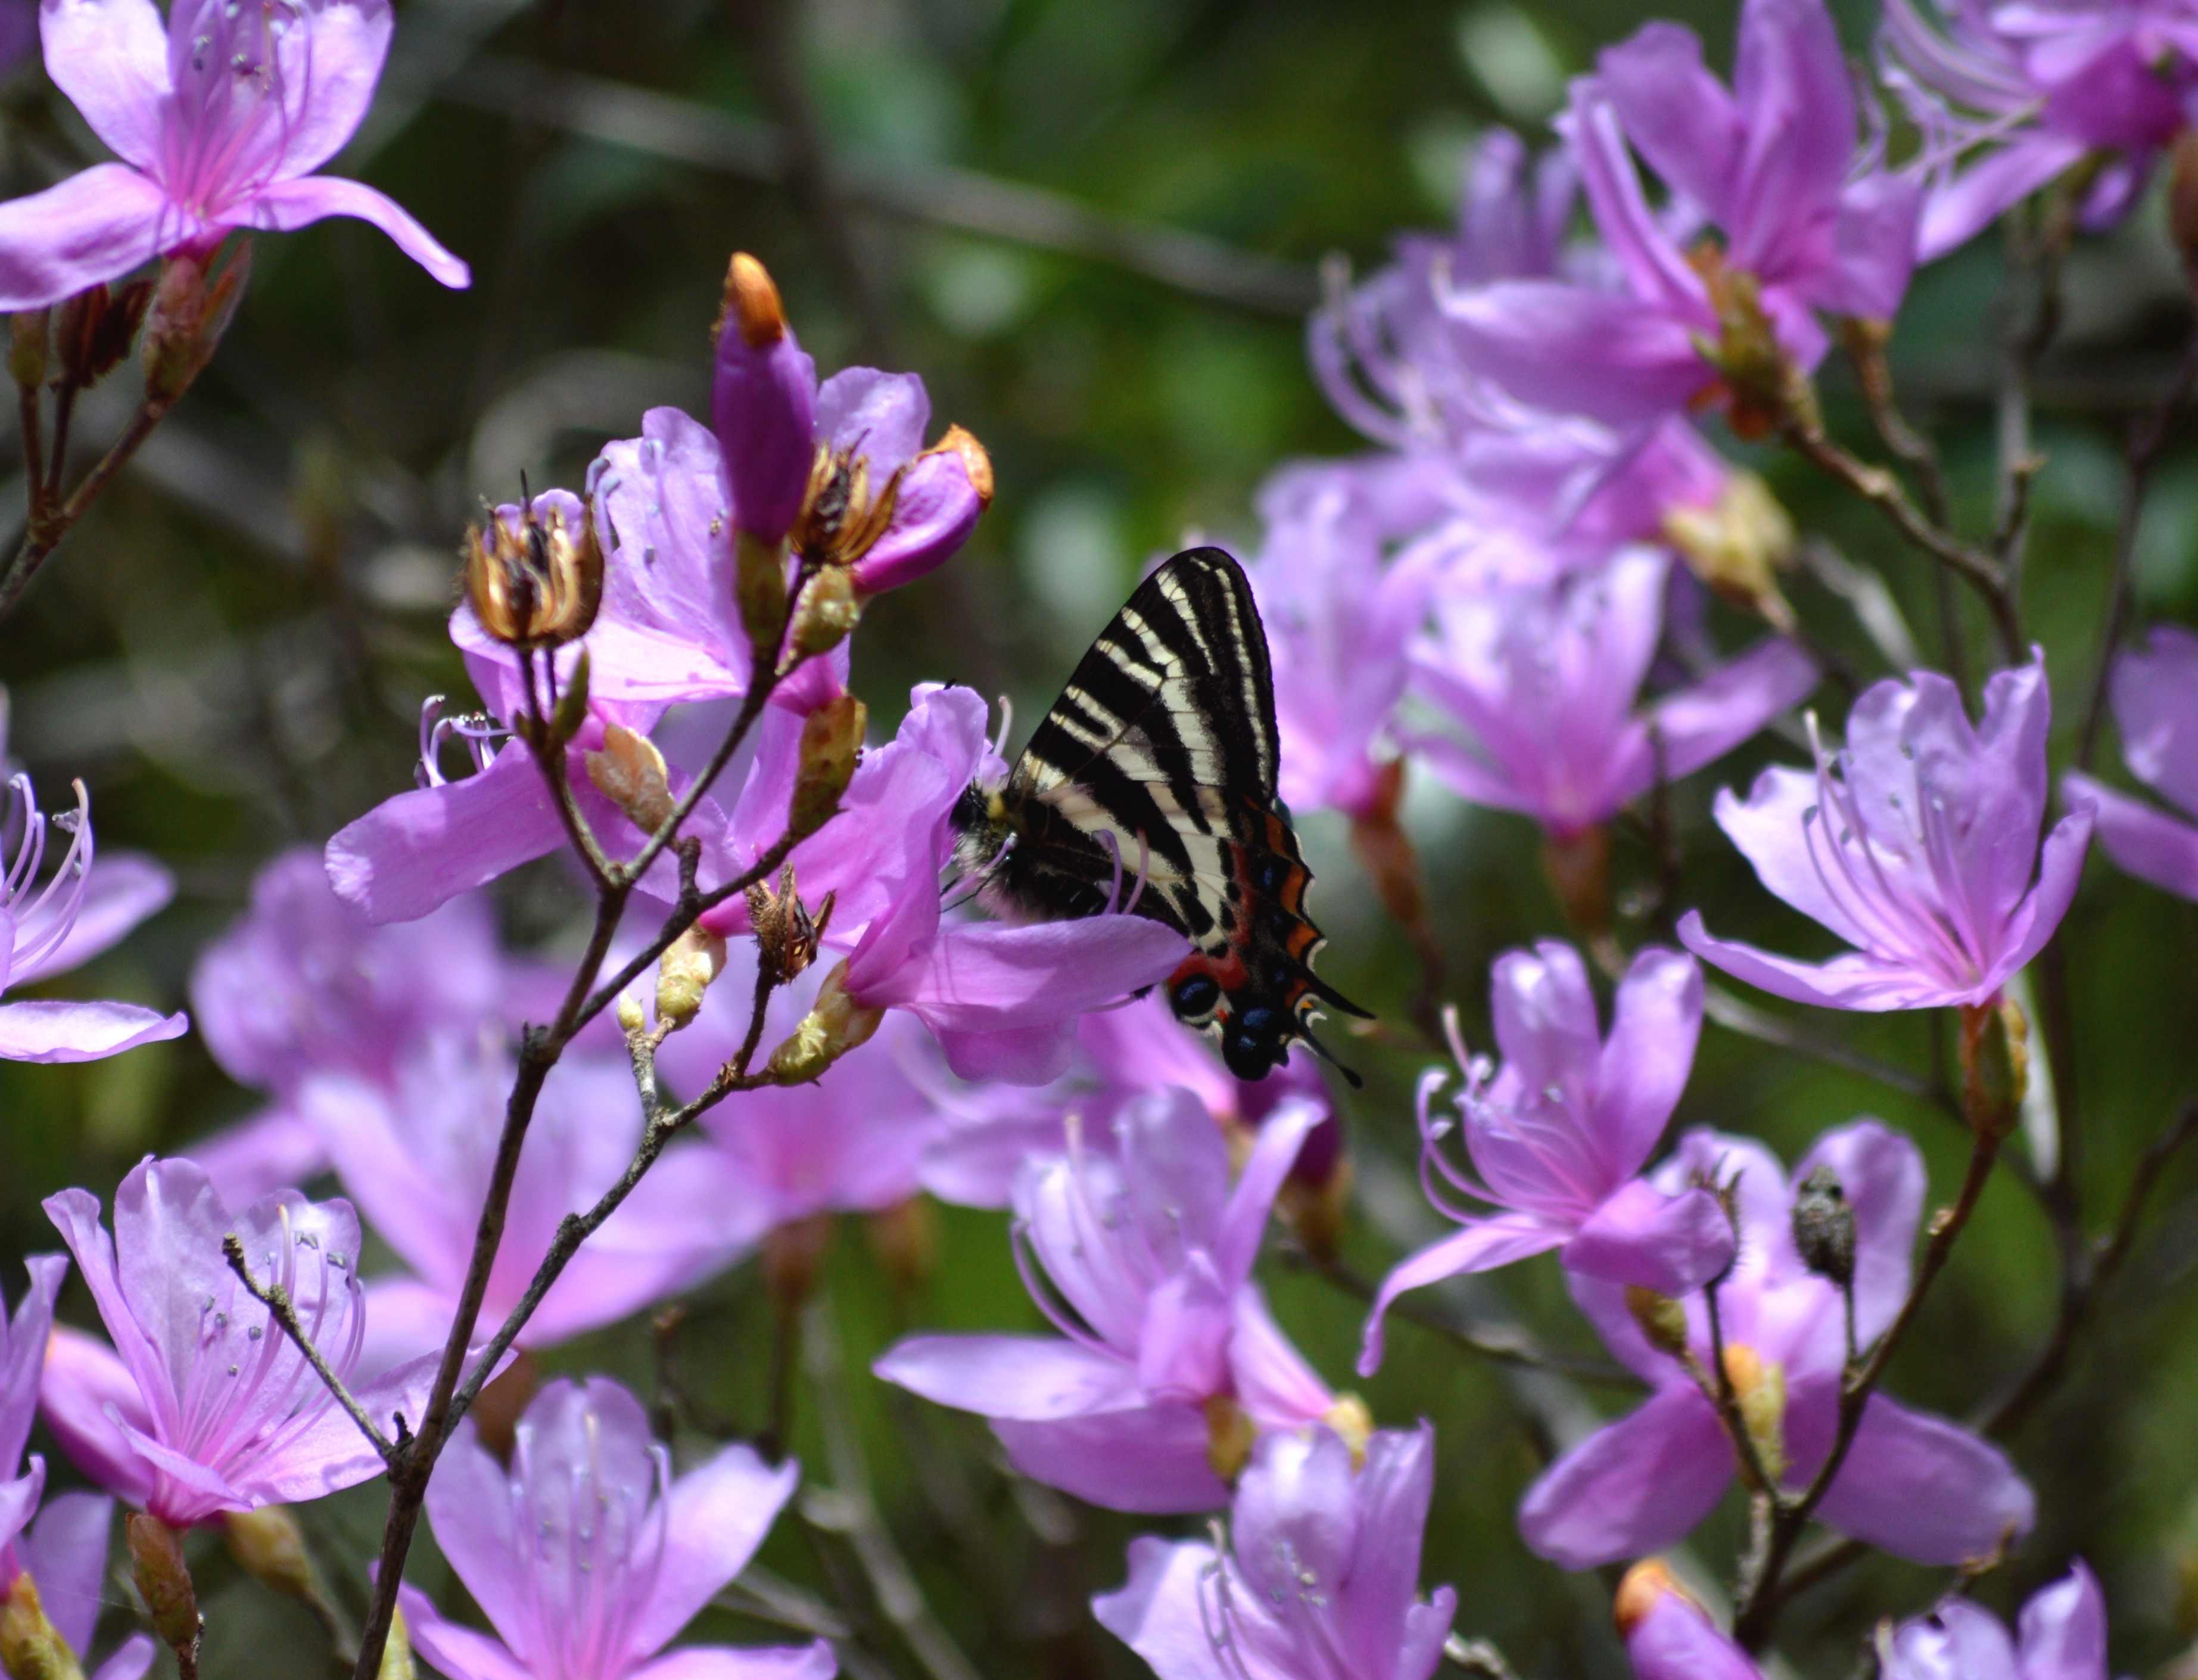 ギフチョウ 4月2日北山湿地にて_d0254540_1433826.jpg